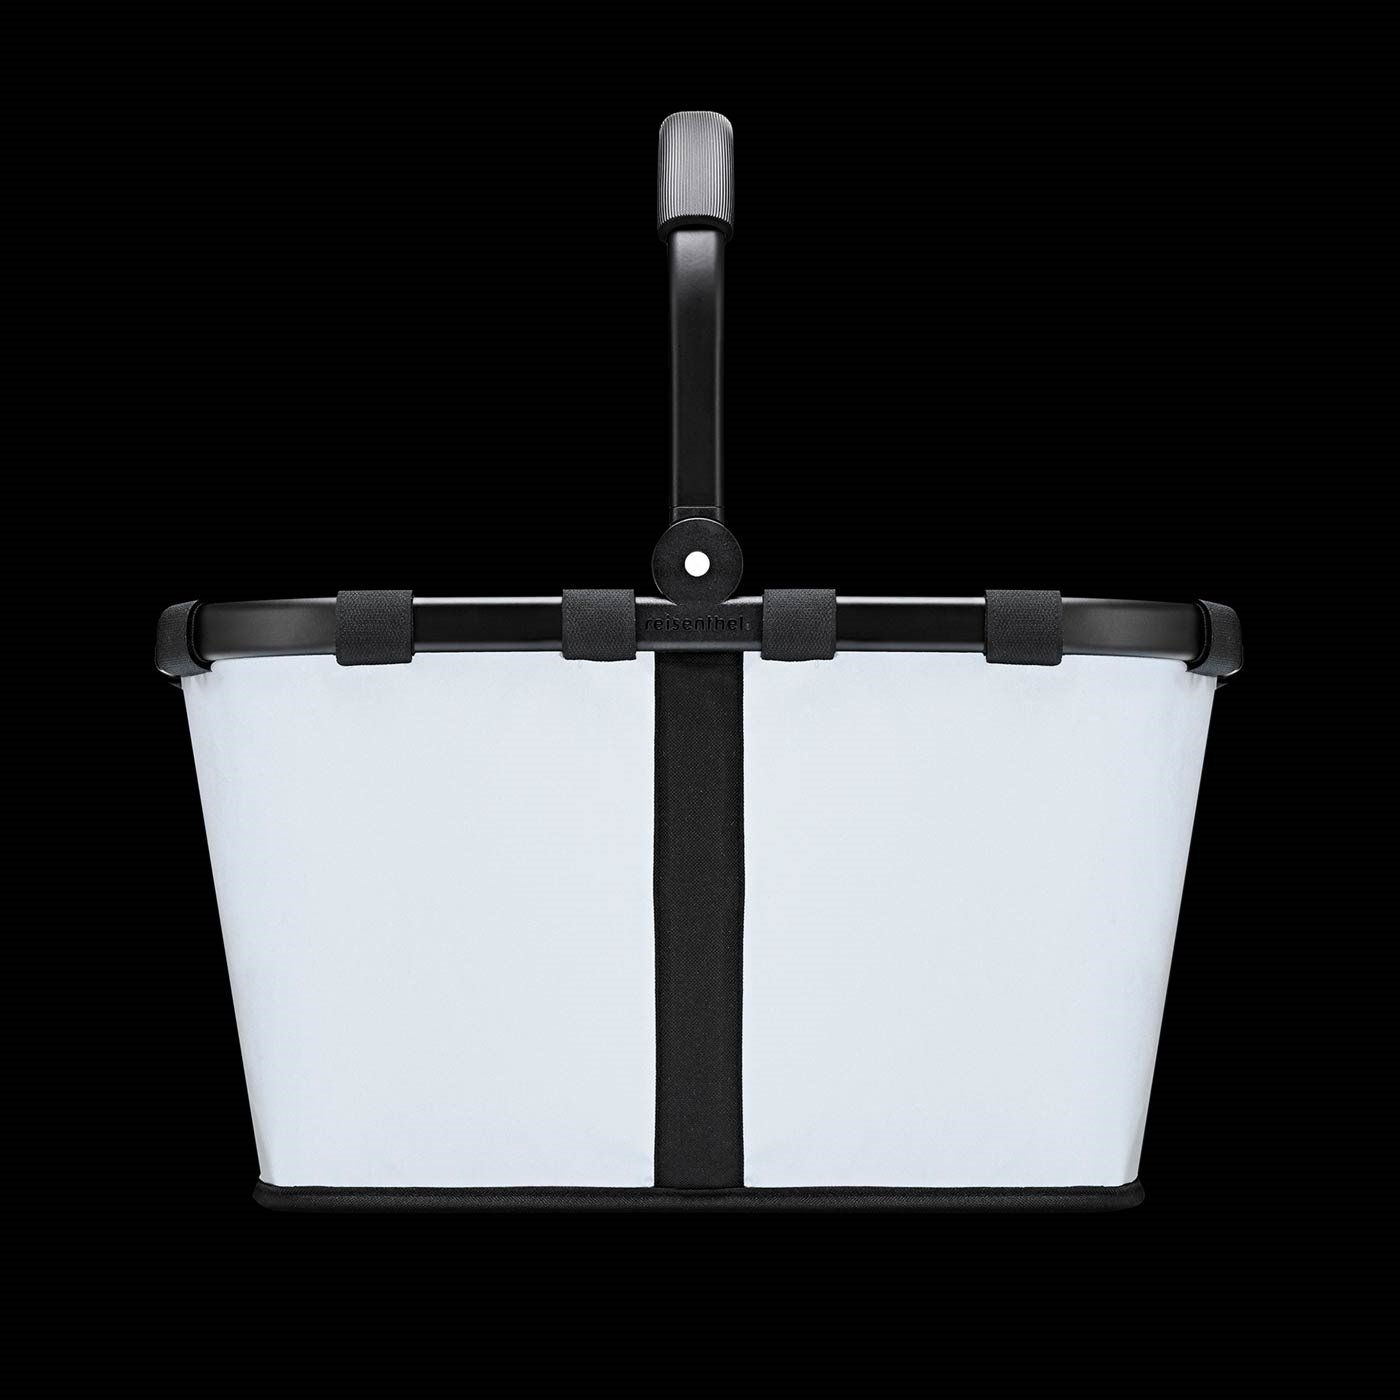 Nákupní košík Carrybag frame reflective_1